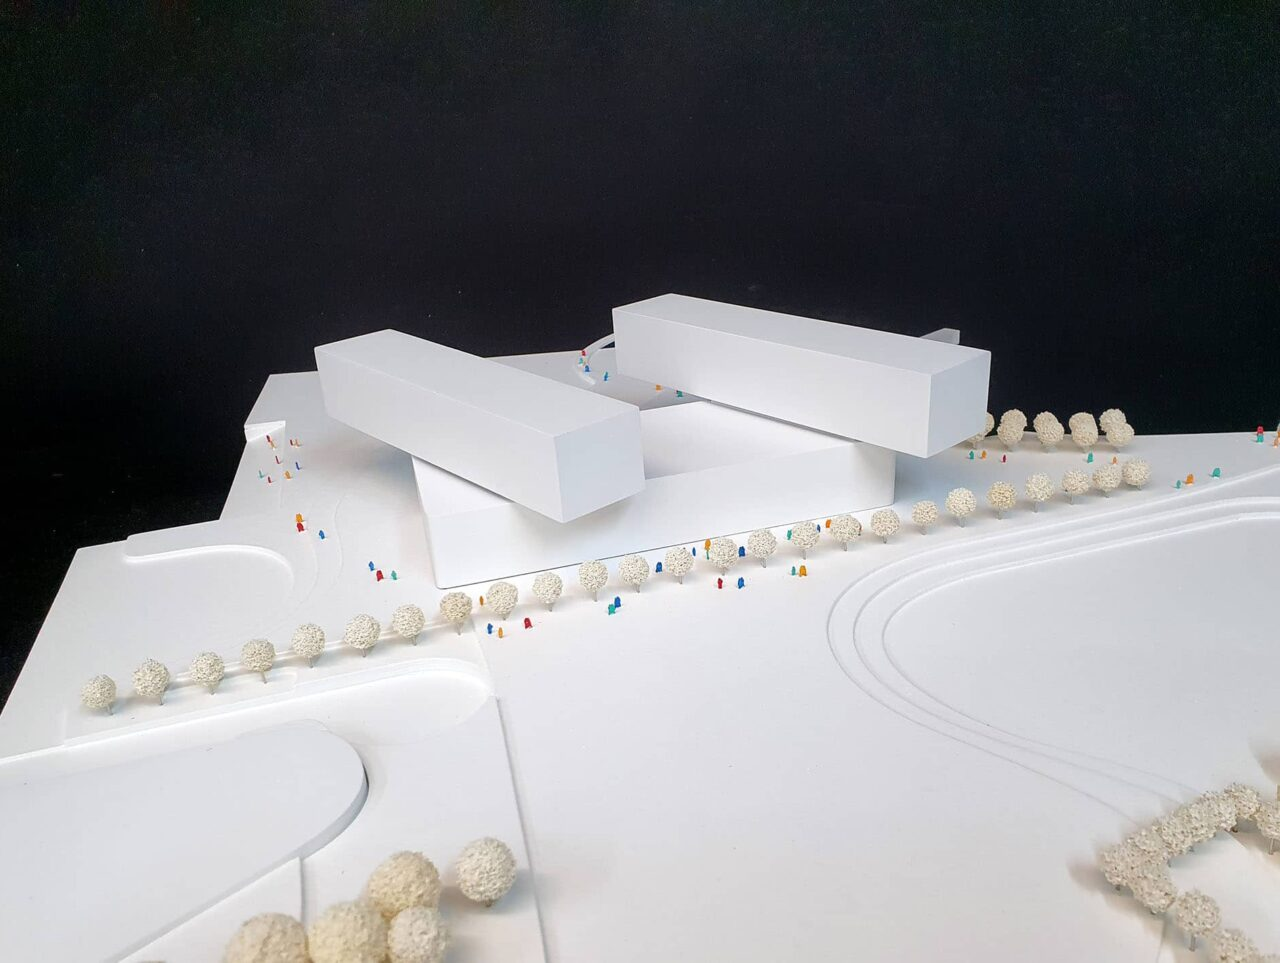 Düsseldorf Erweiterung Landtag am Rheinturm Modell 6